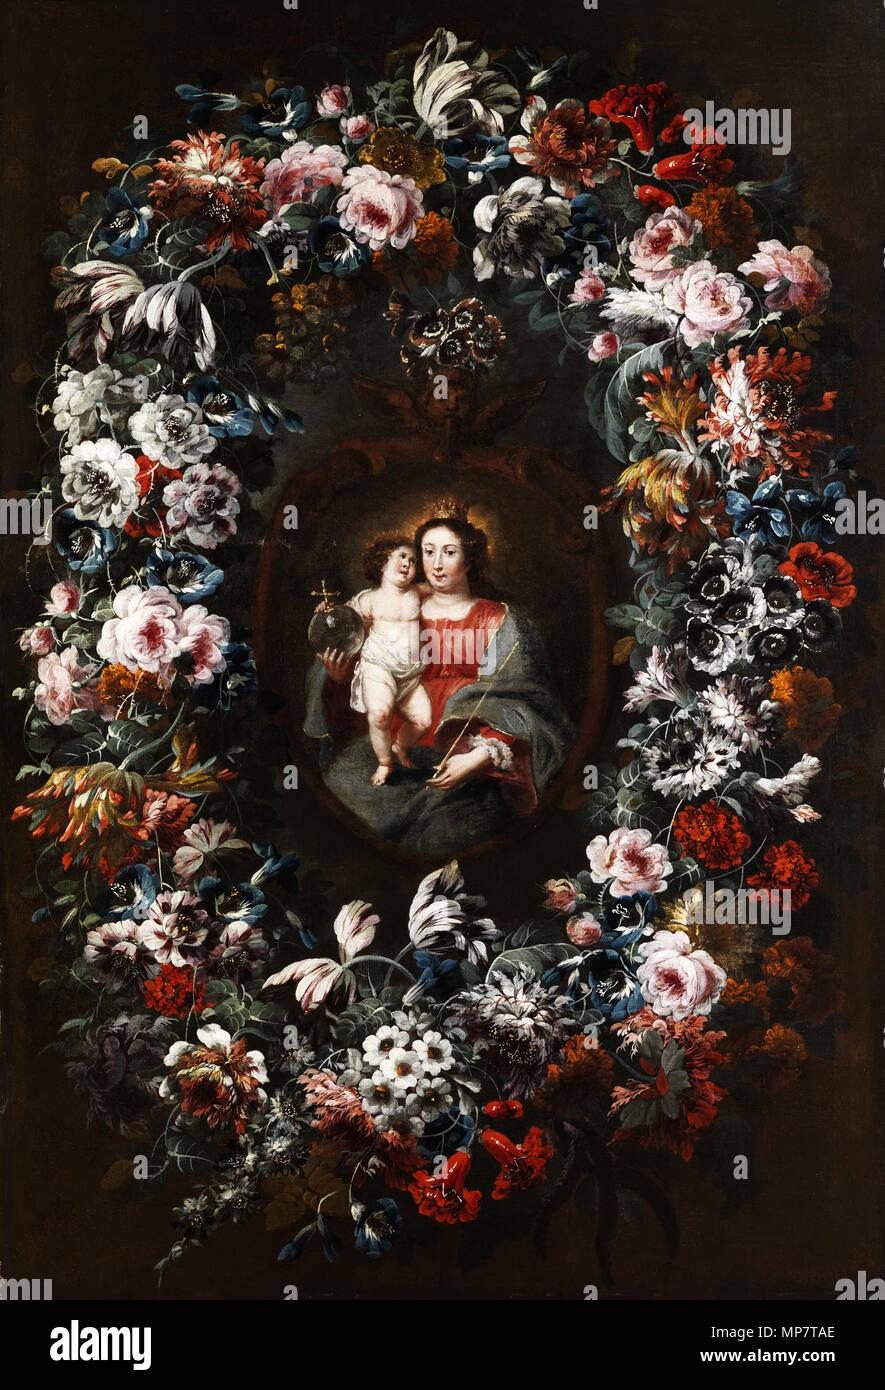 English: Virgin with Child in a large flower garland Deutsch ...